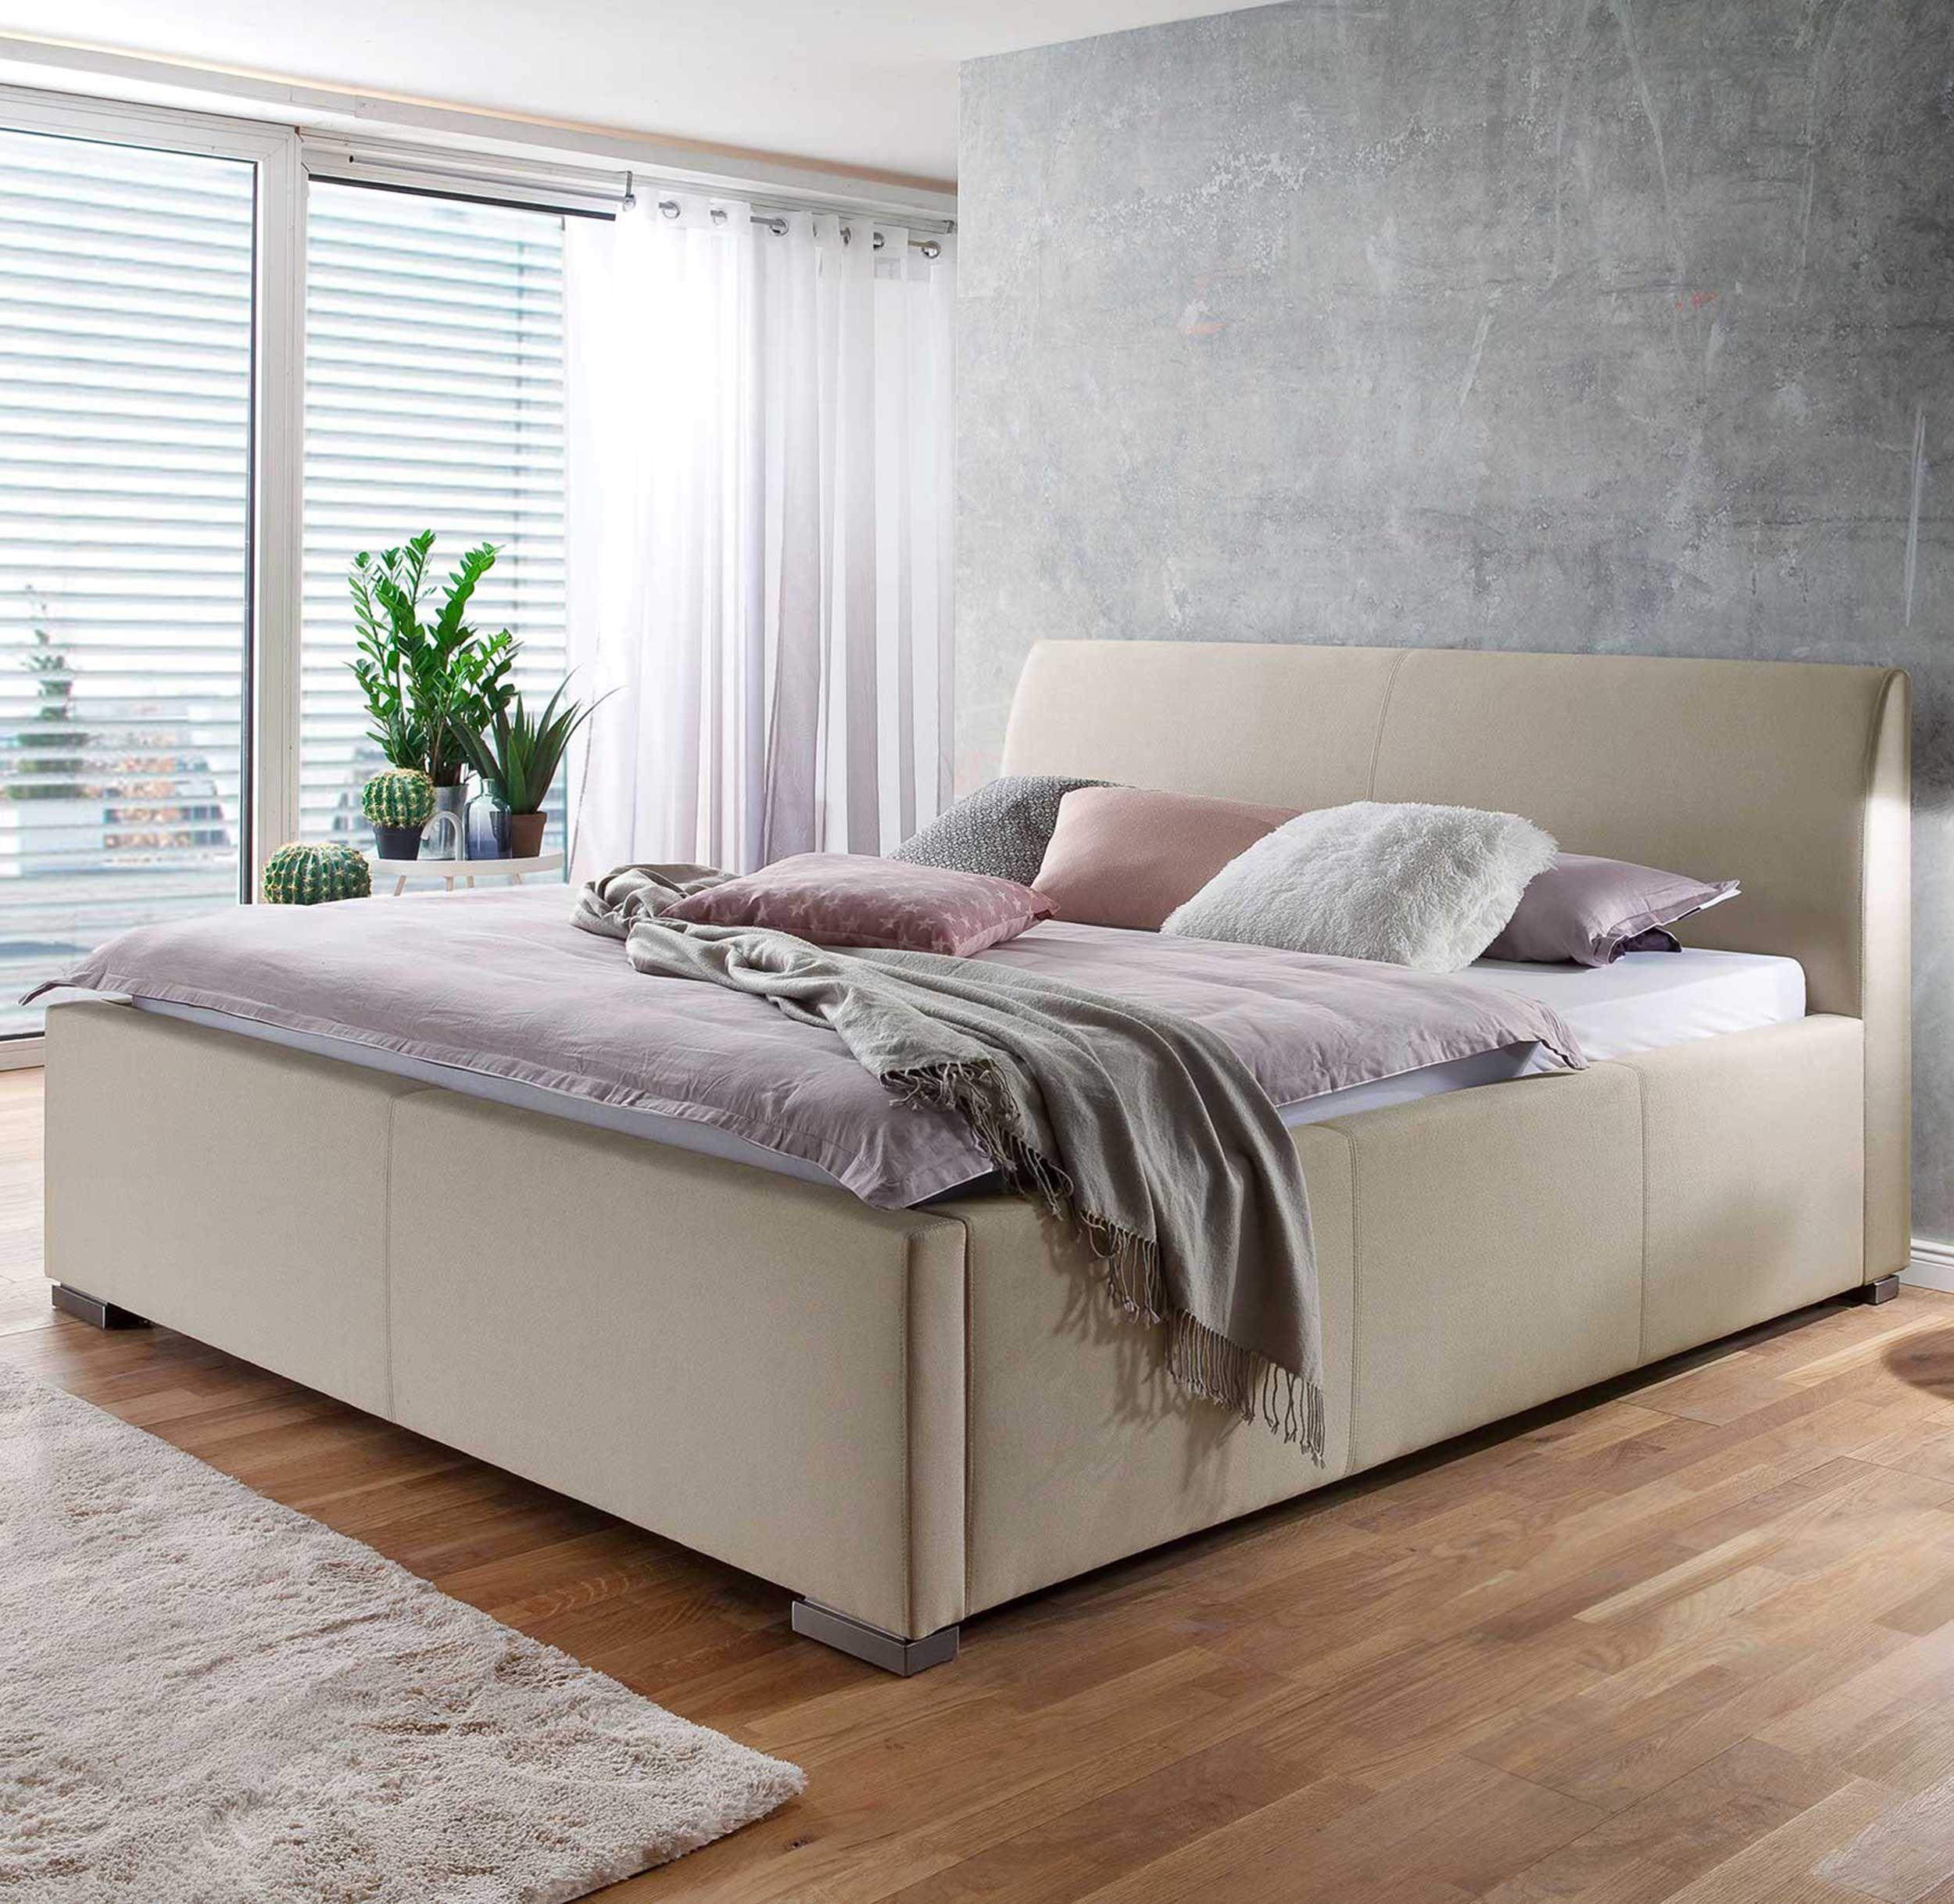 lit homera avec tete de lit lisse 120x200 beige